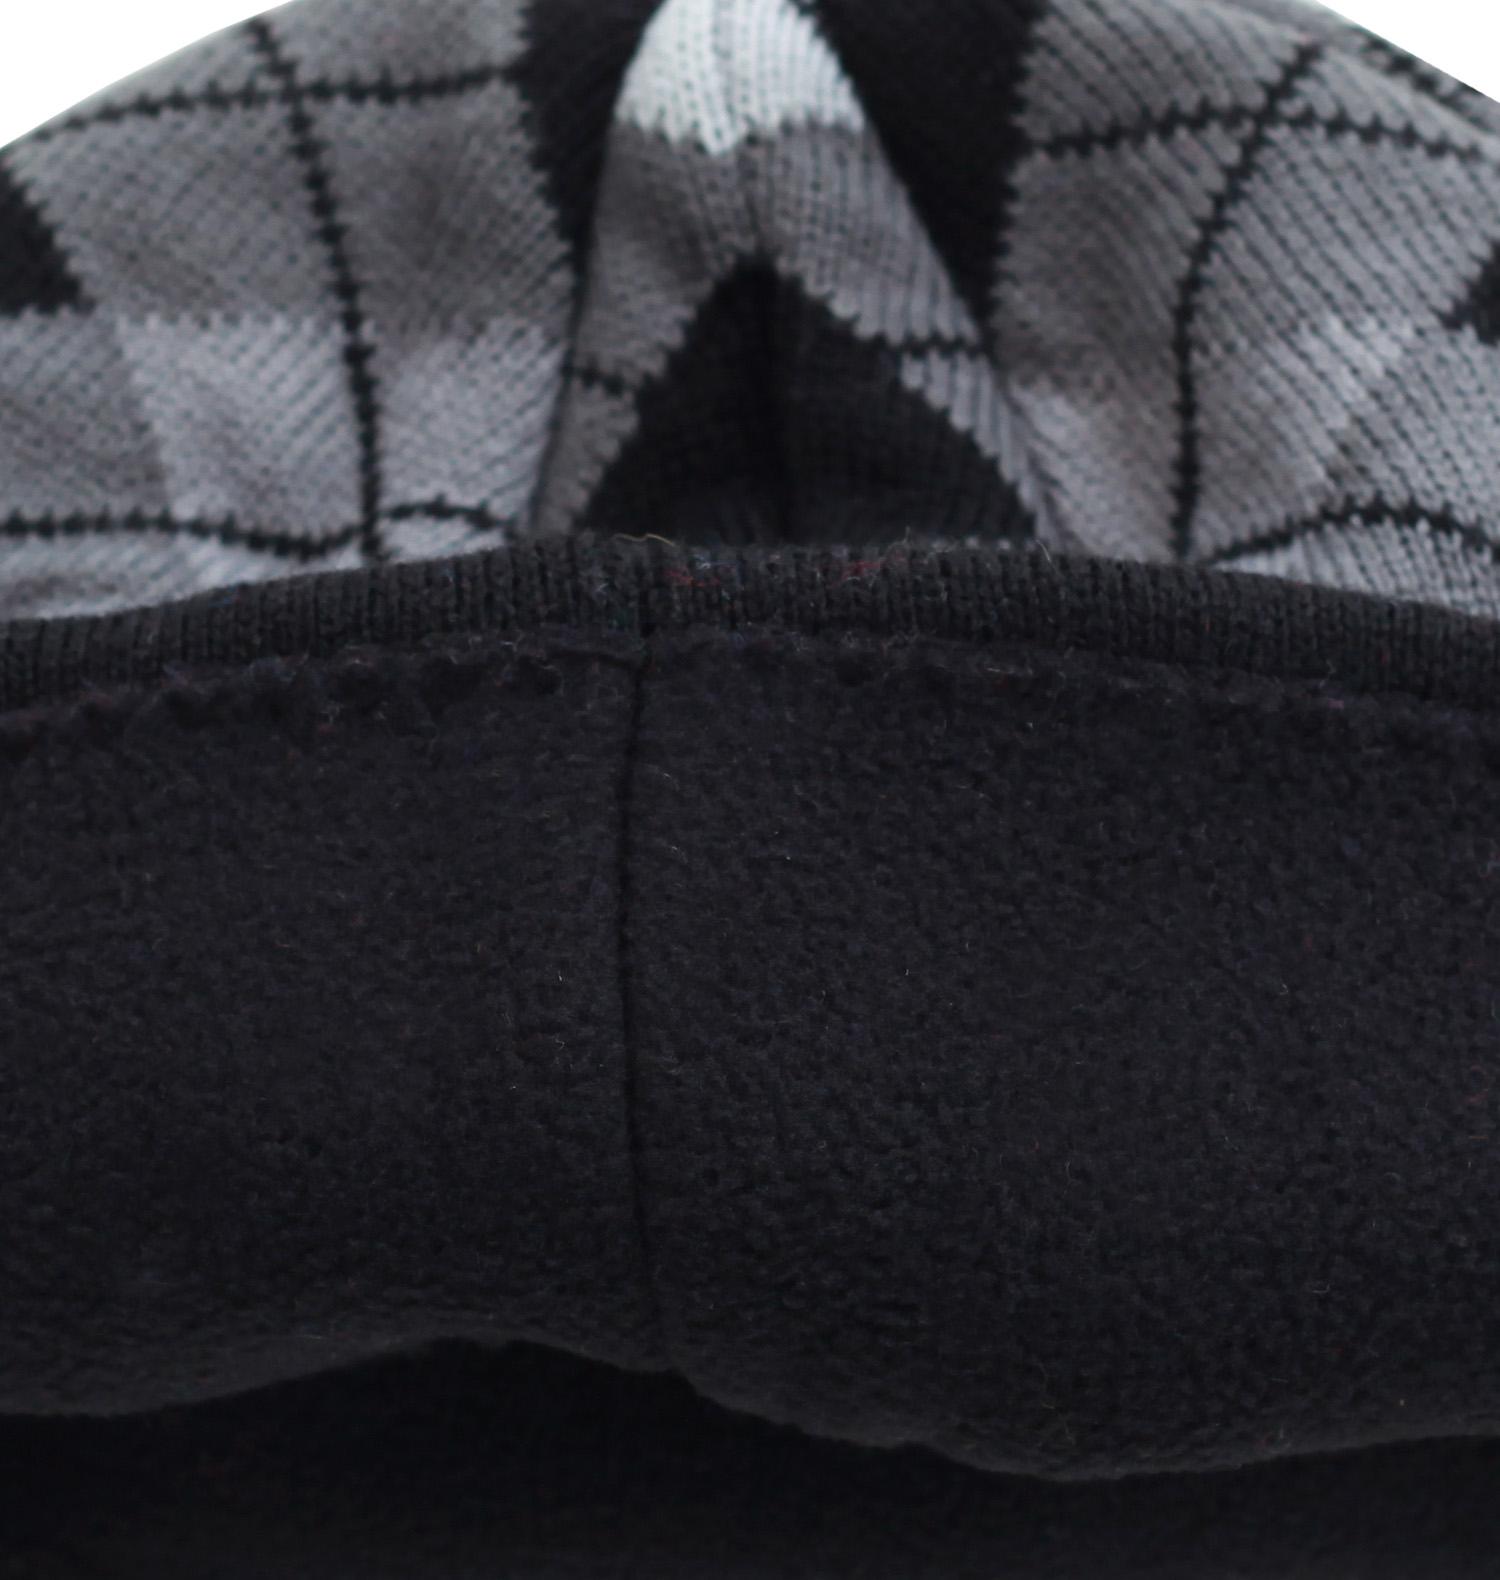 Заказать модную клетчатую мужскую шапку на флисовой основе по привлекательной цене